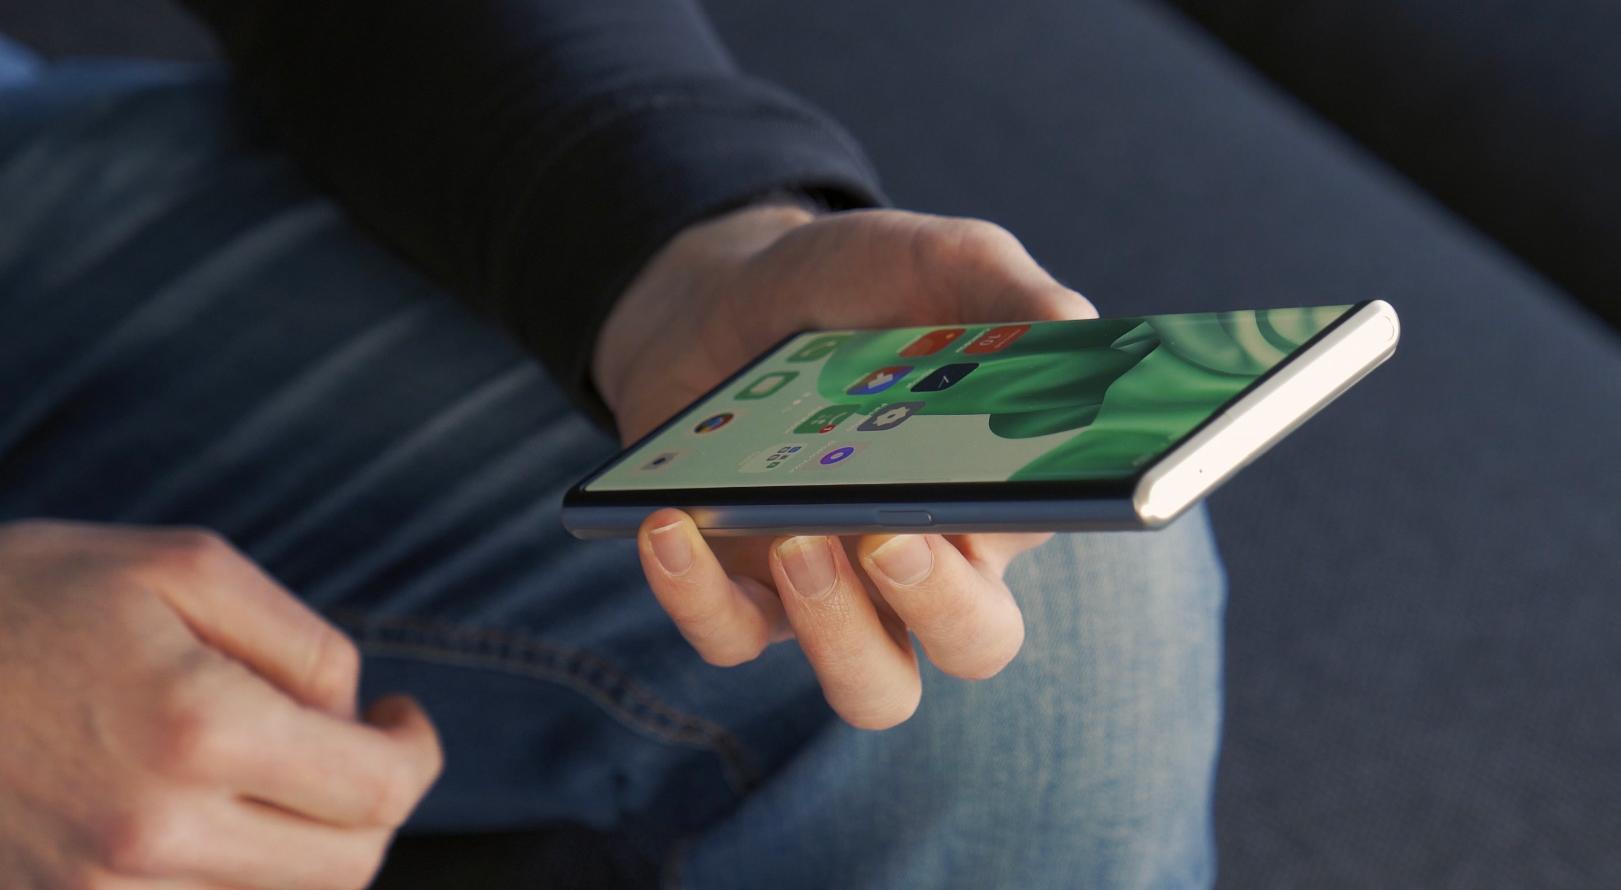 Le Oppo X 2021 ressemble à n'importe quel smartphone, et c'est une force